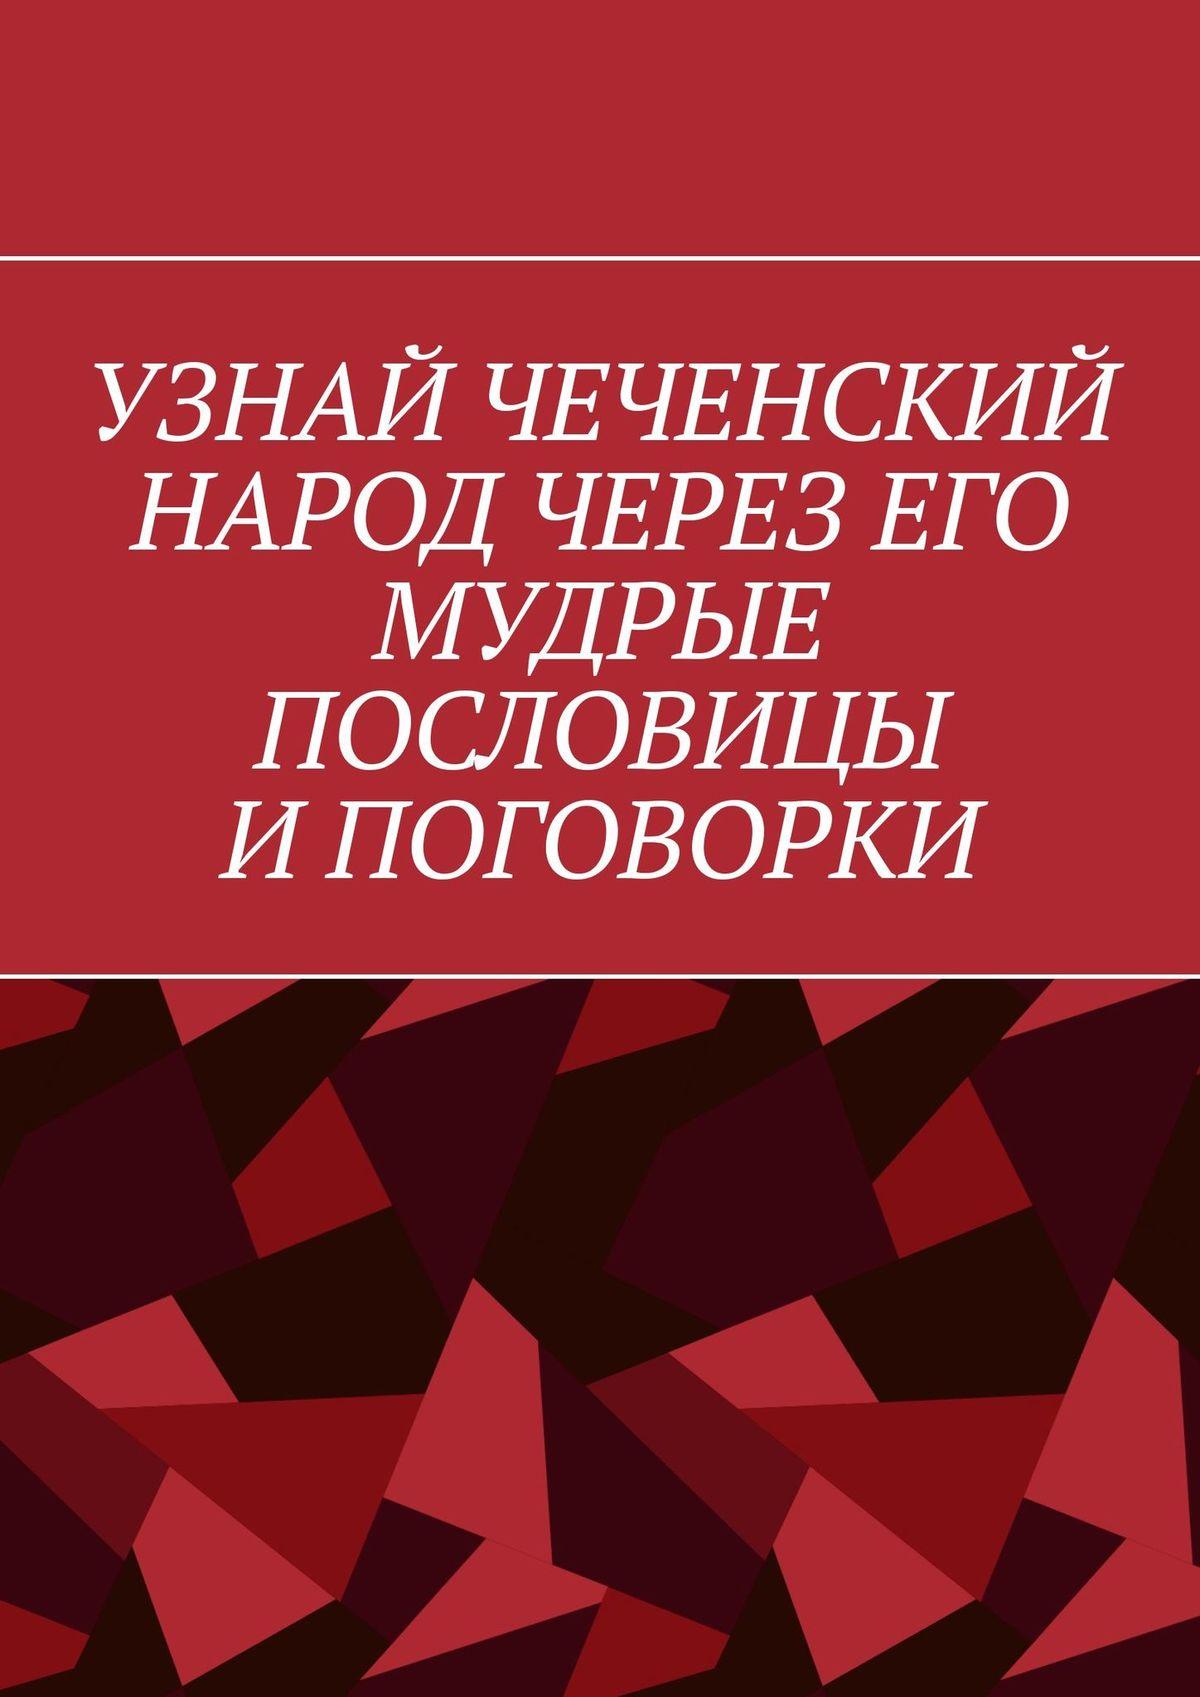 Хусейн Шовхалов Узнай чеченский народ через его мудрые пословицы и поговорки хусейн шовхалов узнай чеченский народ через его мудрые пословицы и поговорки